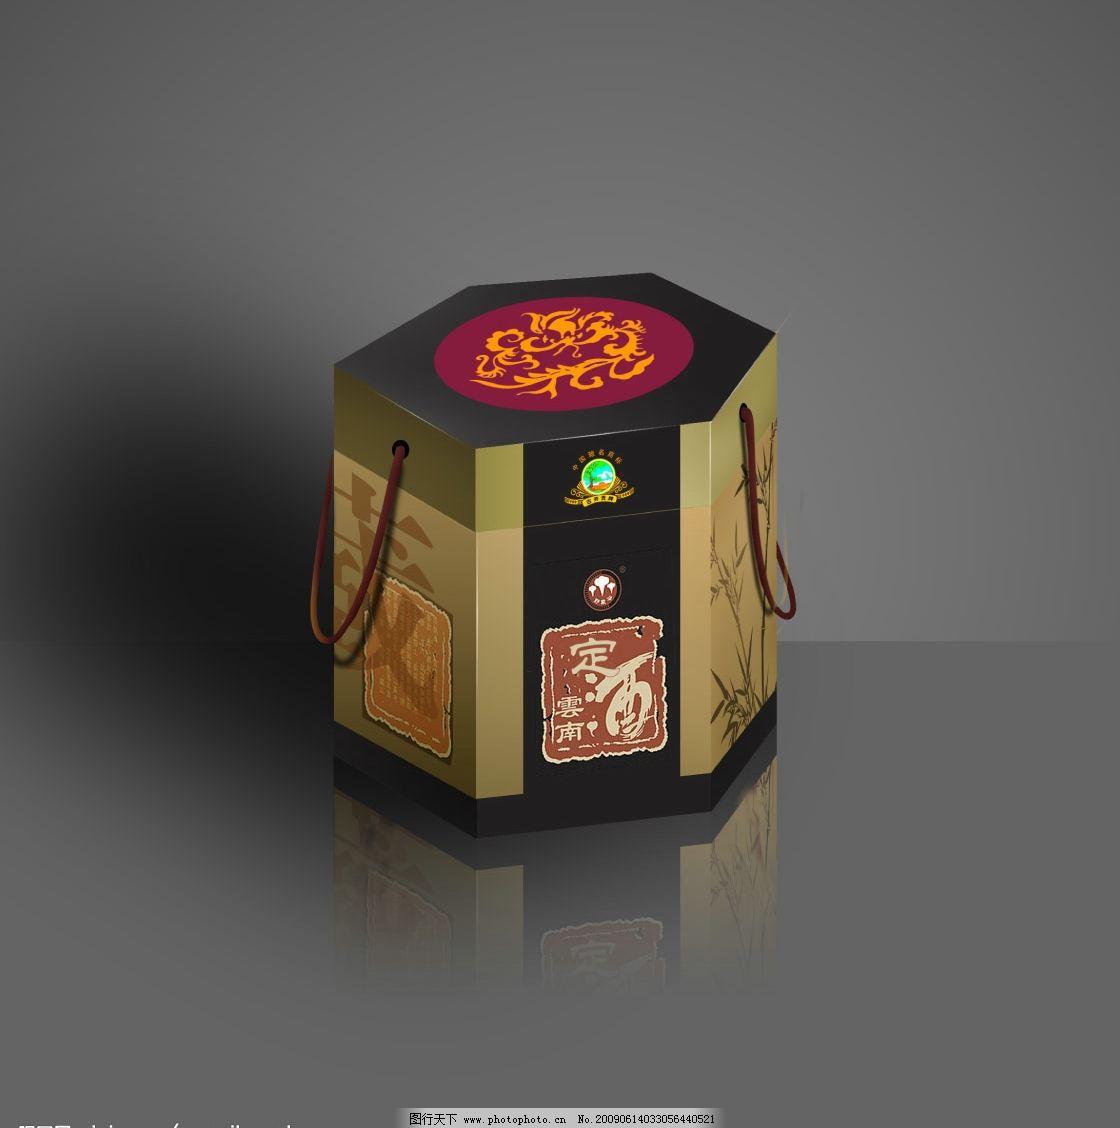 酒盒包装 酒包装 定酒 纸盒 六角盒 酒外包装 包装设计 酒品包装图片